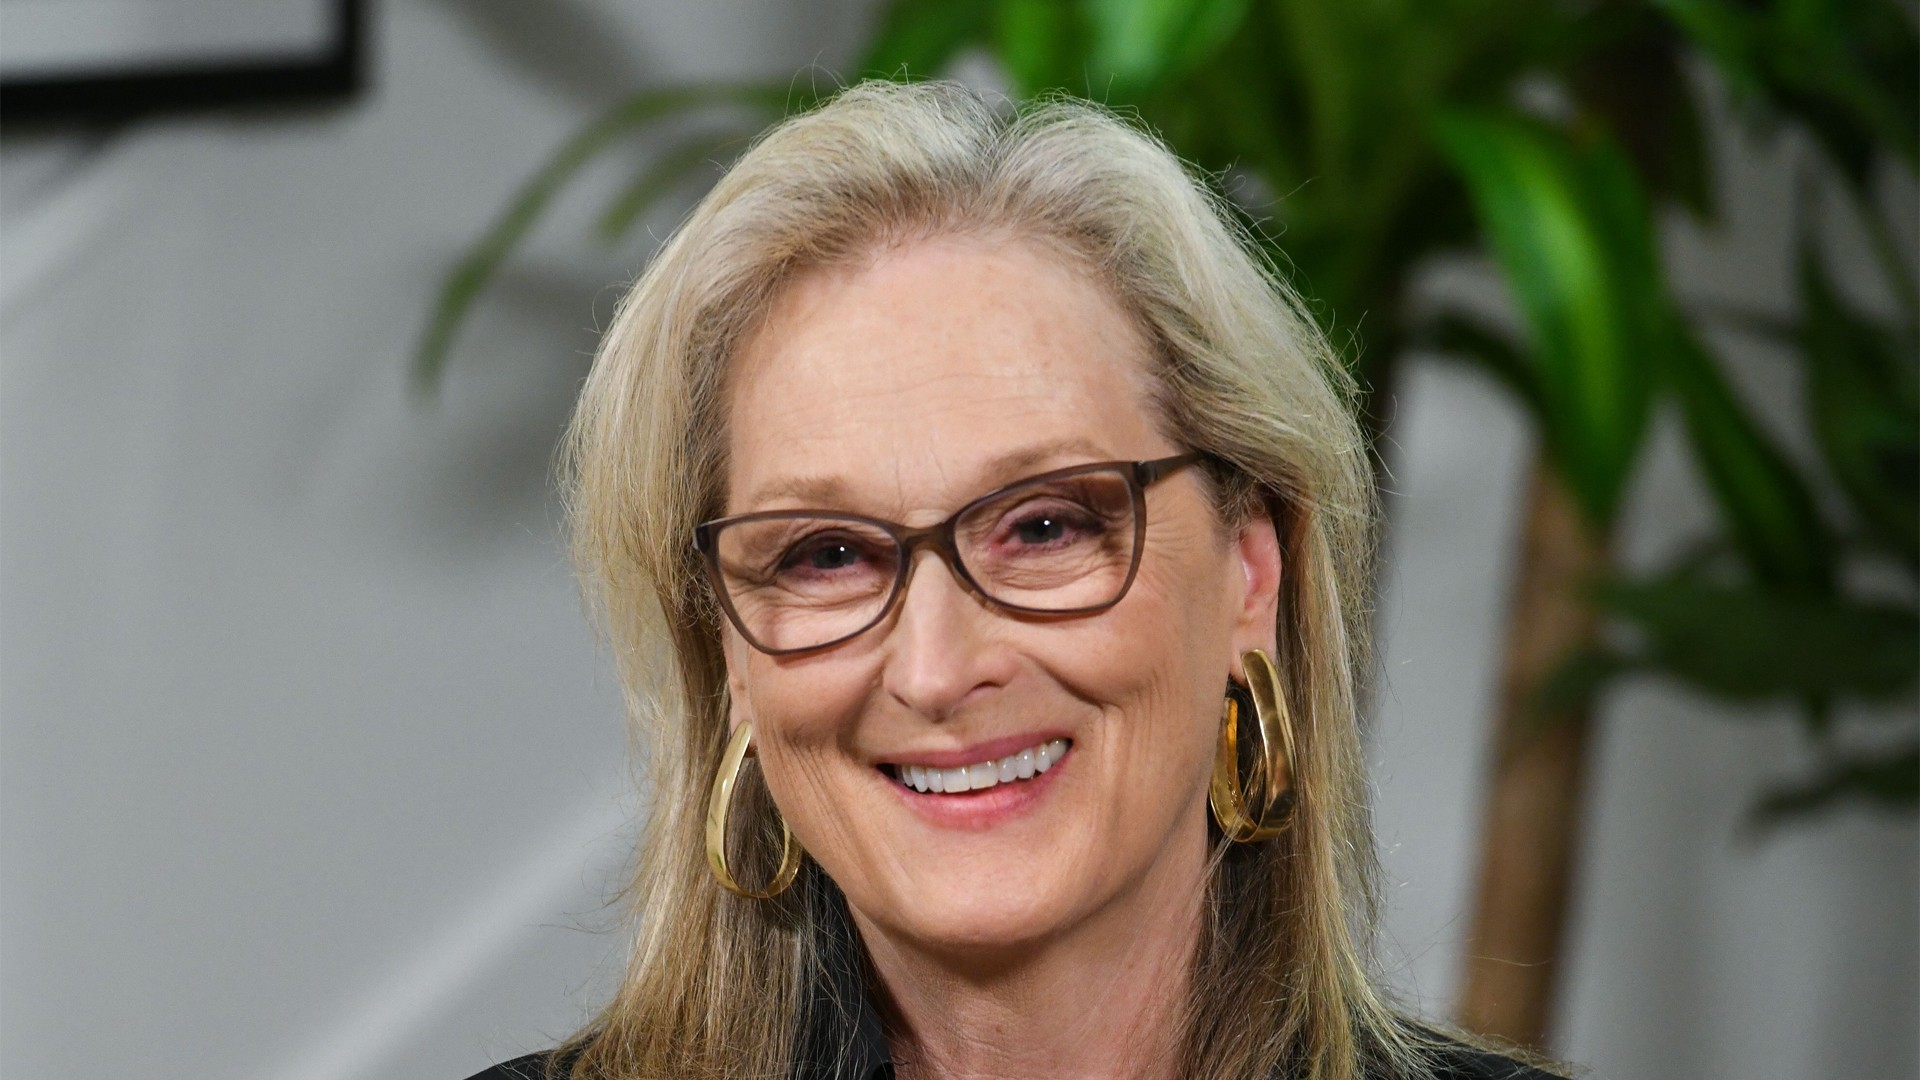 Every Meryl Streep Movie